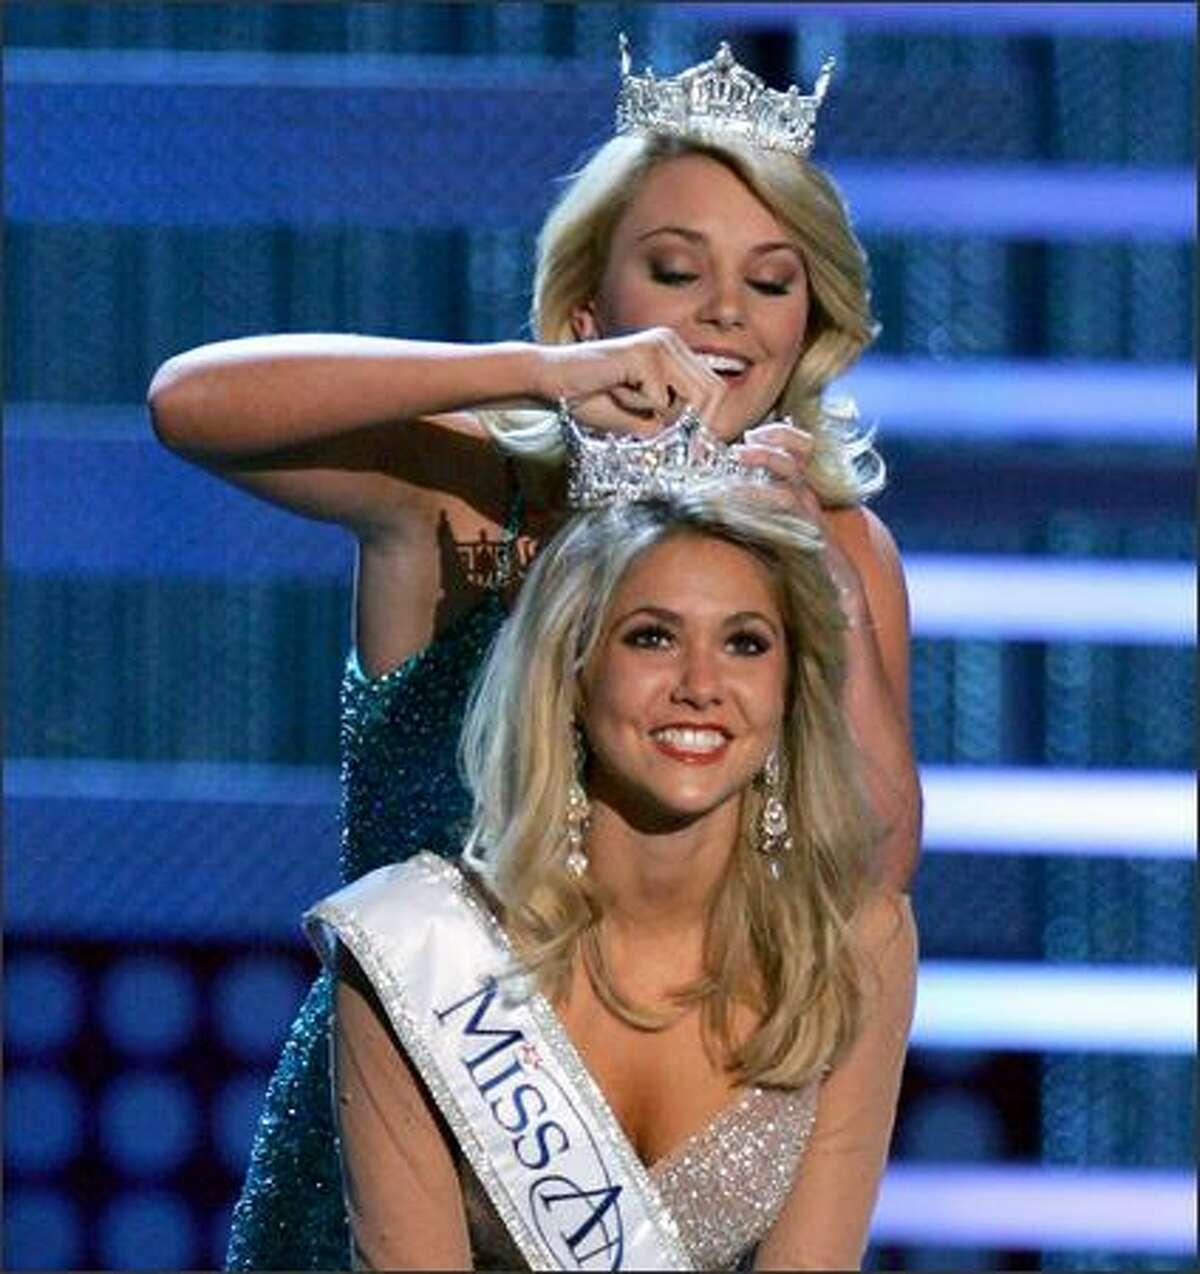 Miss America 2007 Lauren Nelson crowns Kirsten Haglund, Miss Michigan, Miss America 2008.